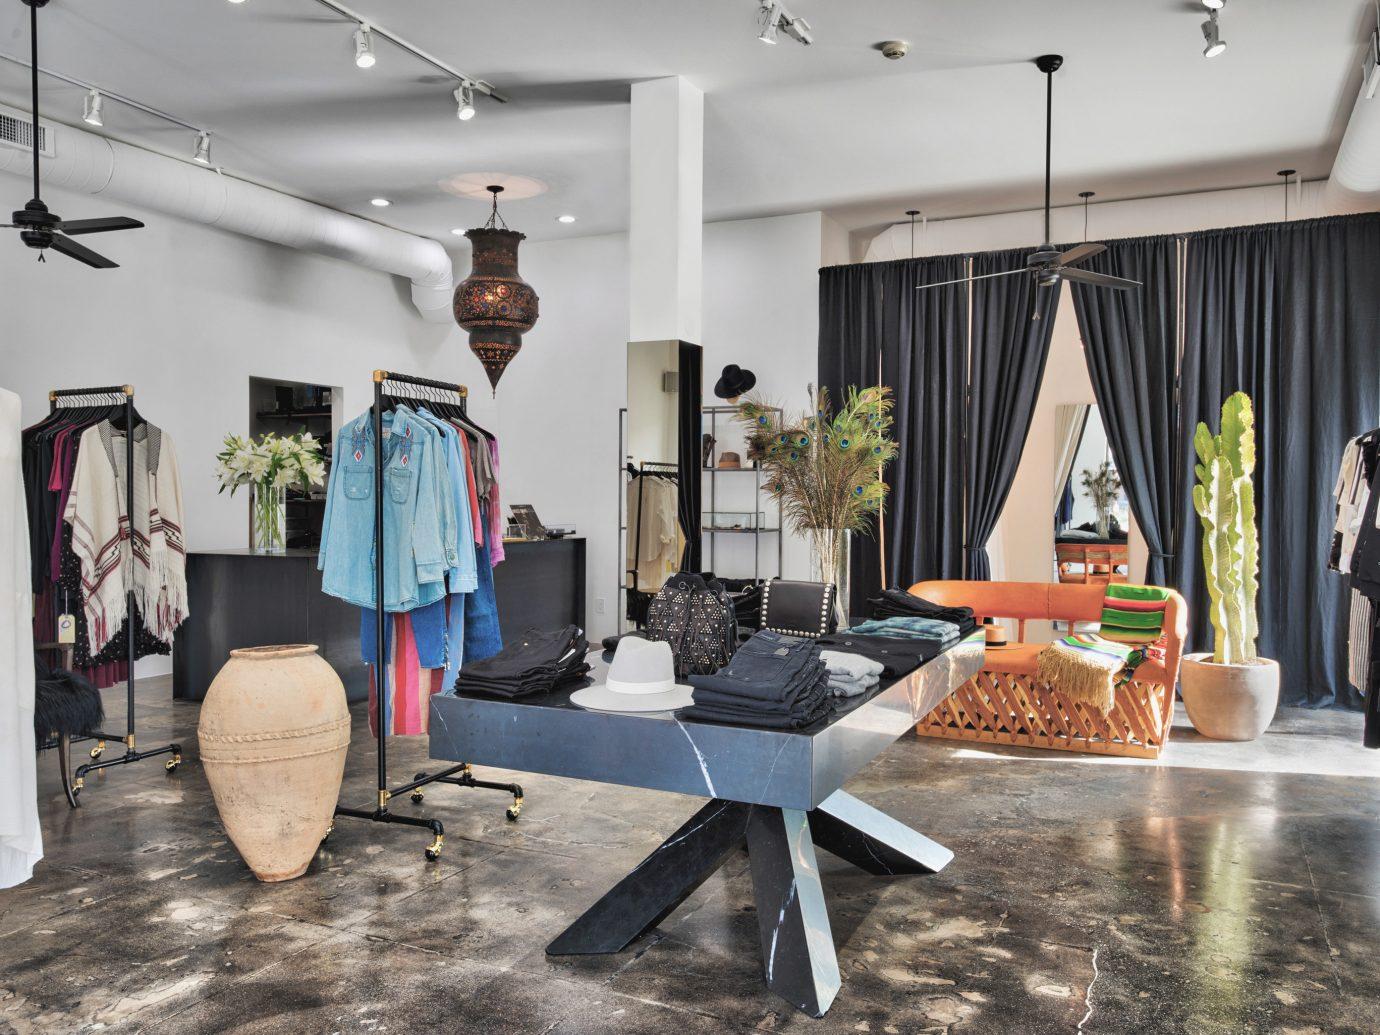 Jetsetter Guides indoor room art Boutique interior design Design studio area furniture